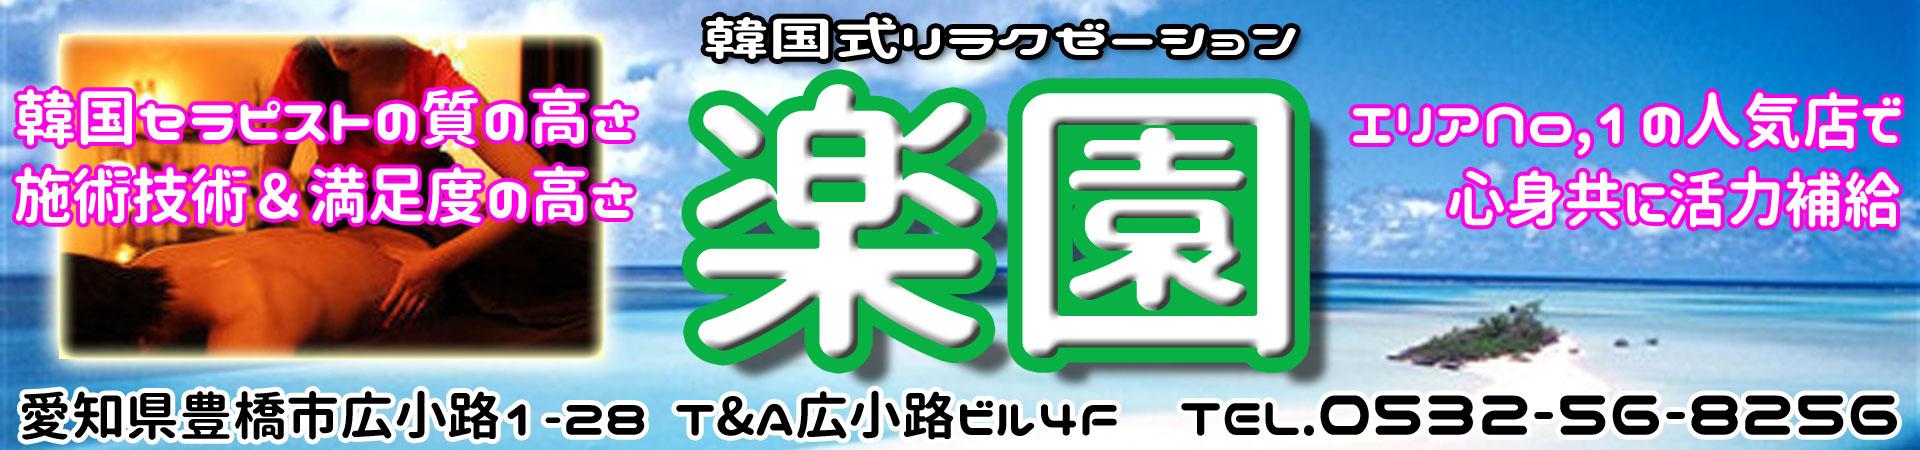 【楽園】豊橋/愛知